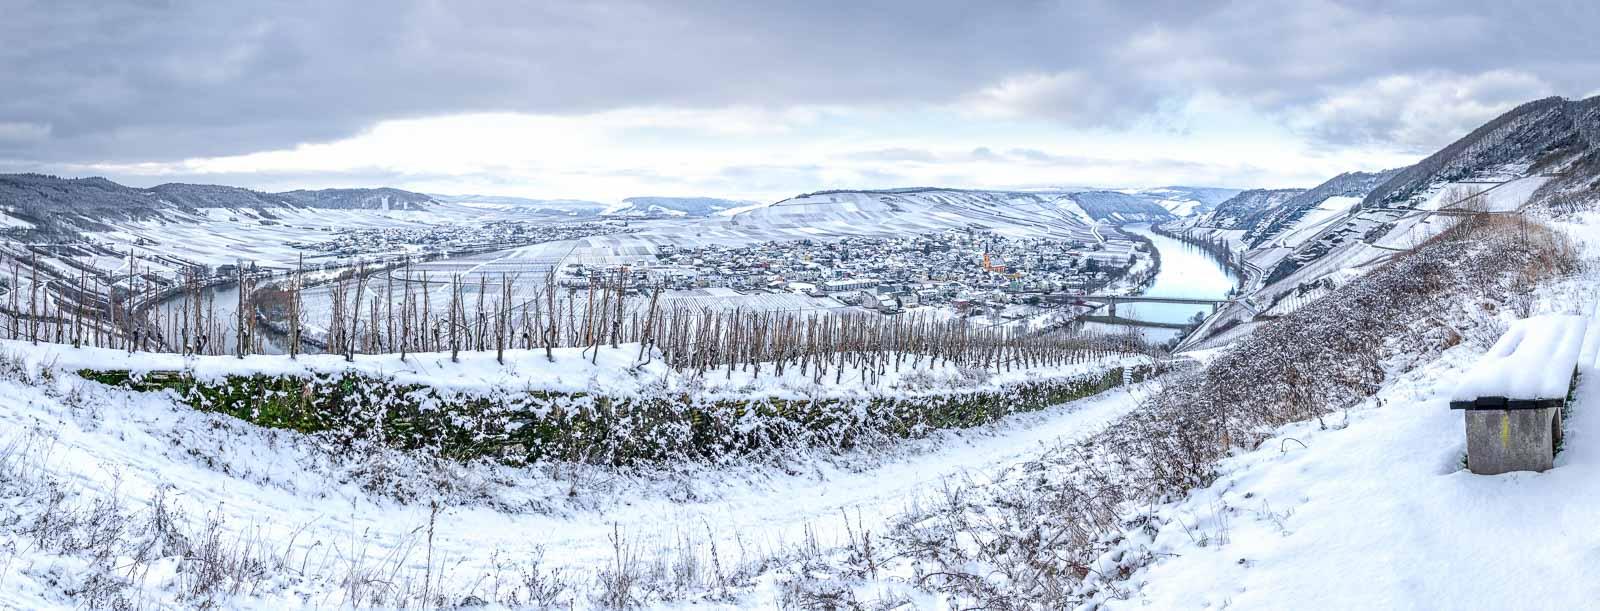 Im Winter ist der Weinberg beim Ort Trittenheim an der Mosel mit Schnee bedeckt. In der Sektion unter dem Bild erfährst du mehr über Vinaet und die Dienstleistungen für das Marketing.